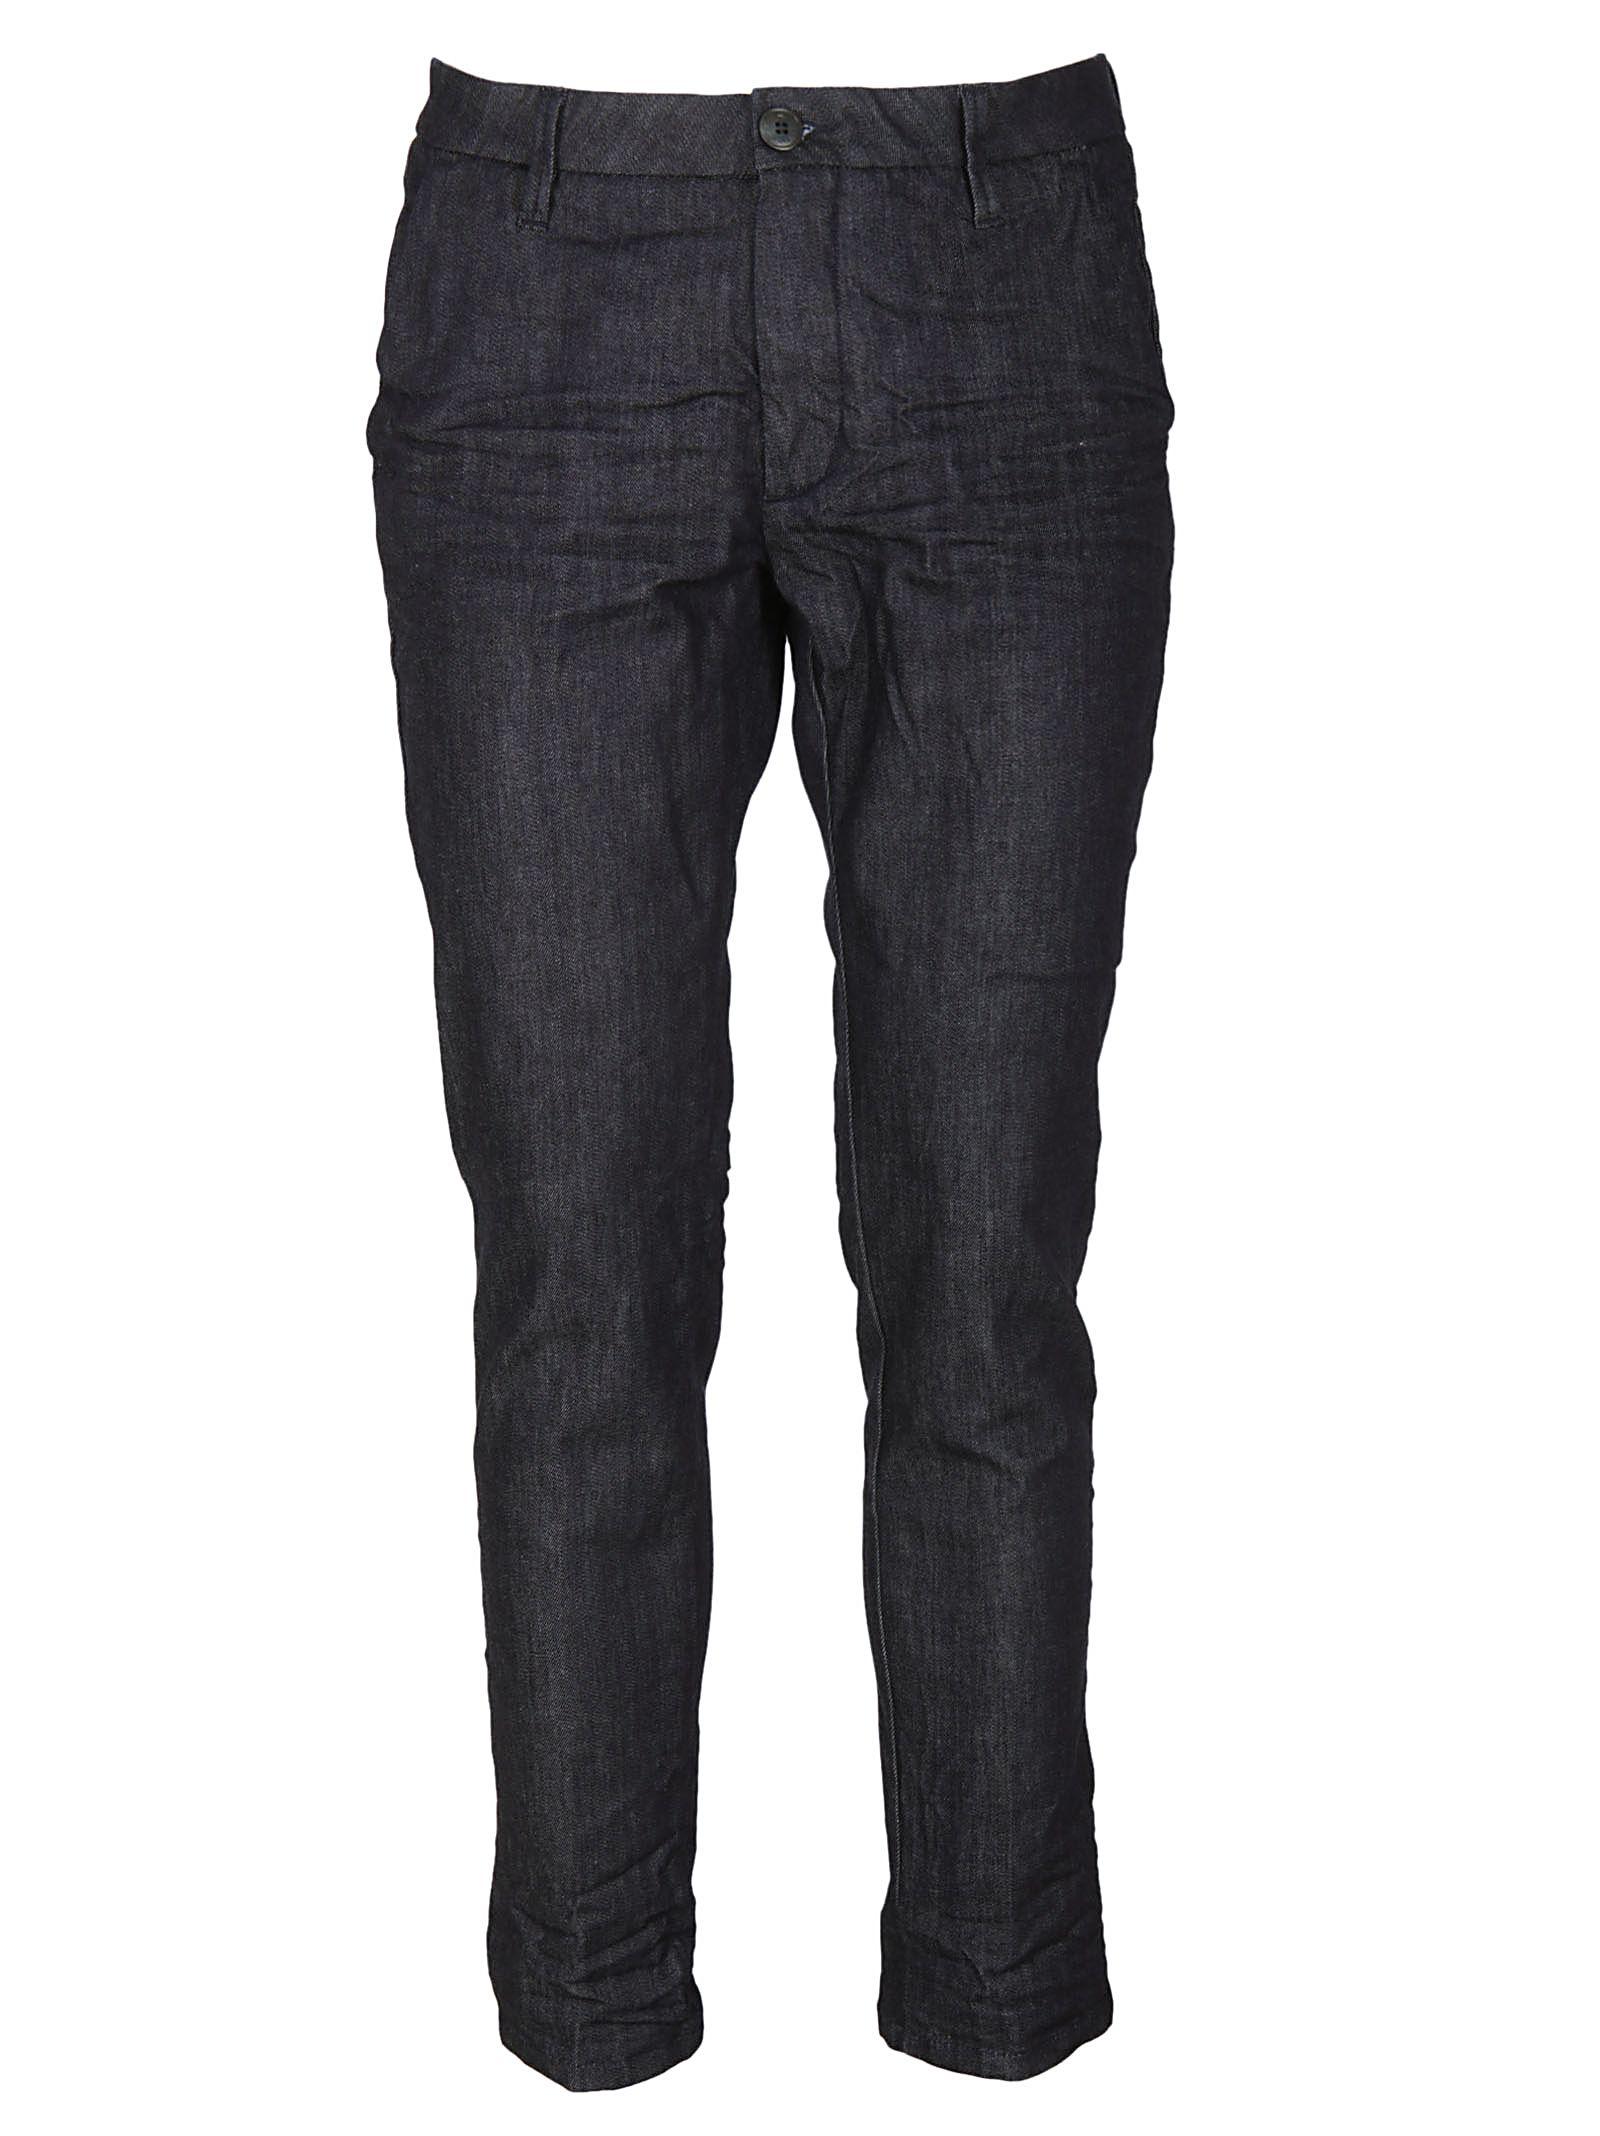 Aglini Slim Fit Jeans